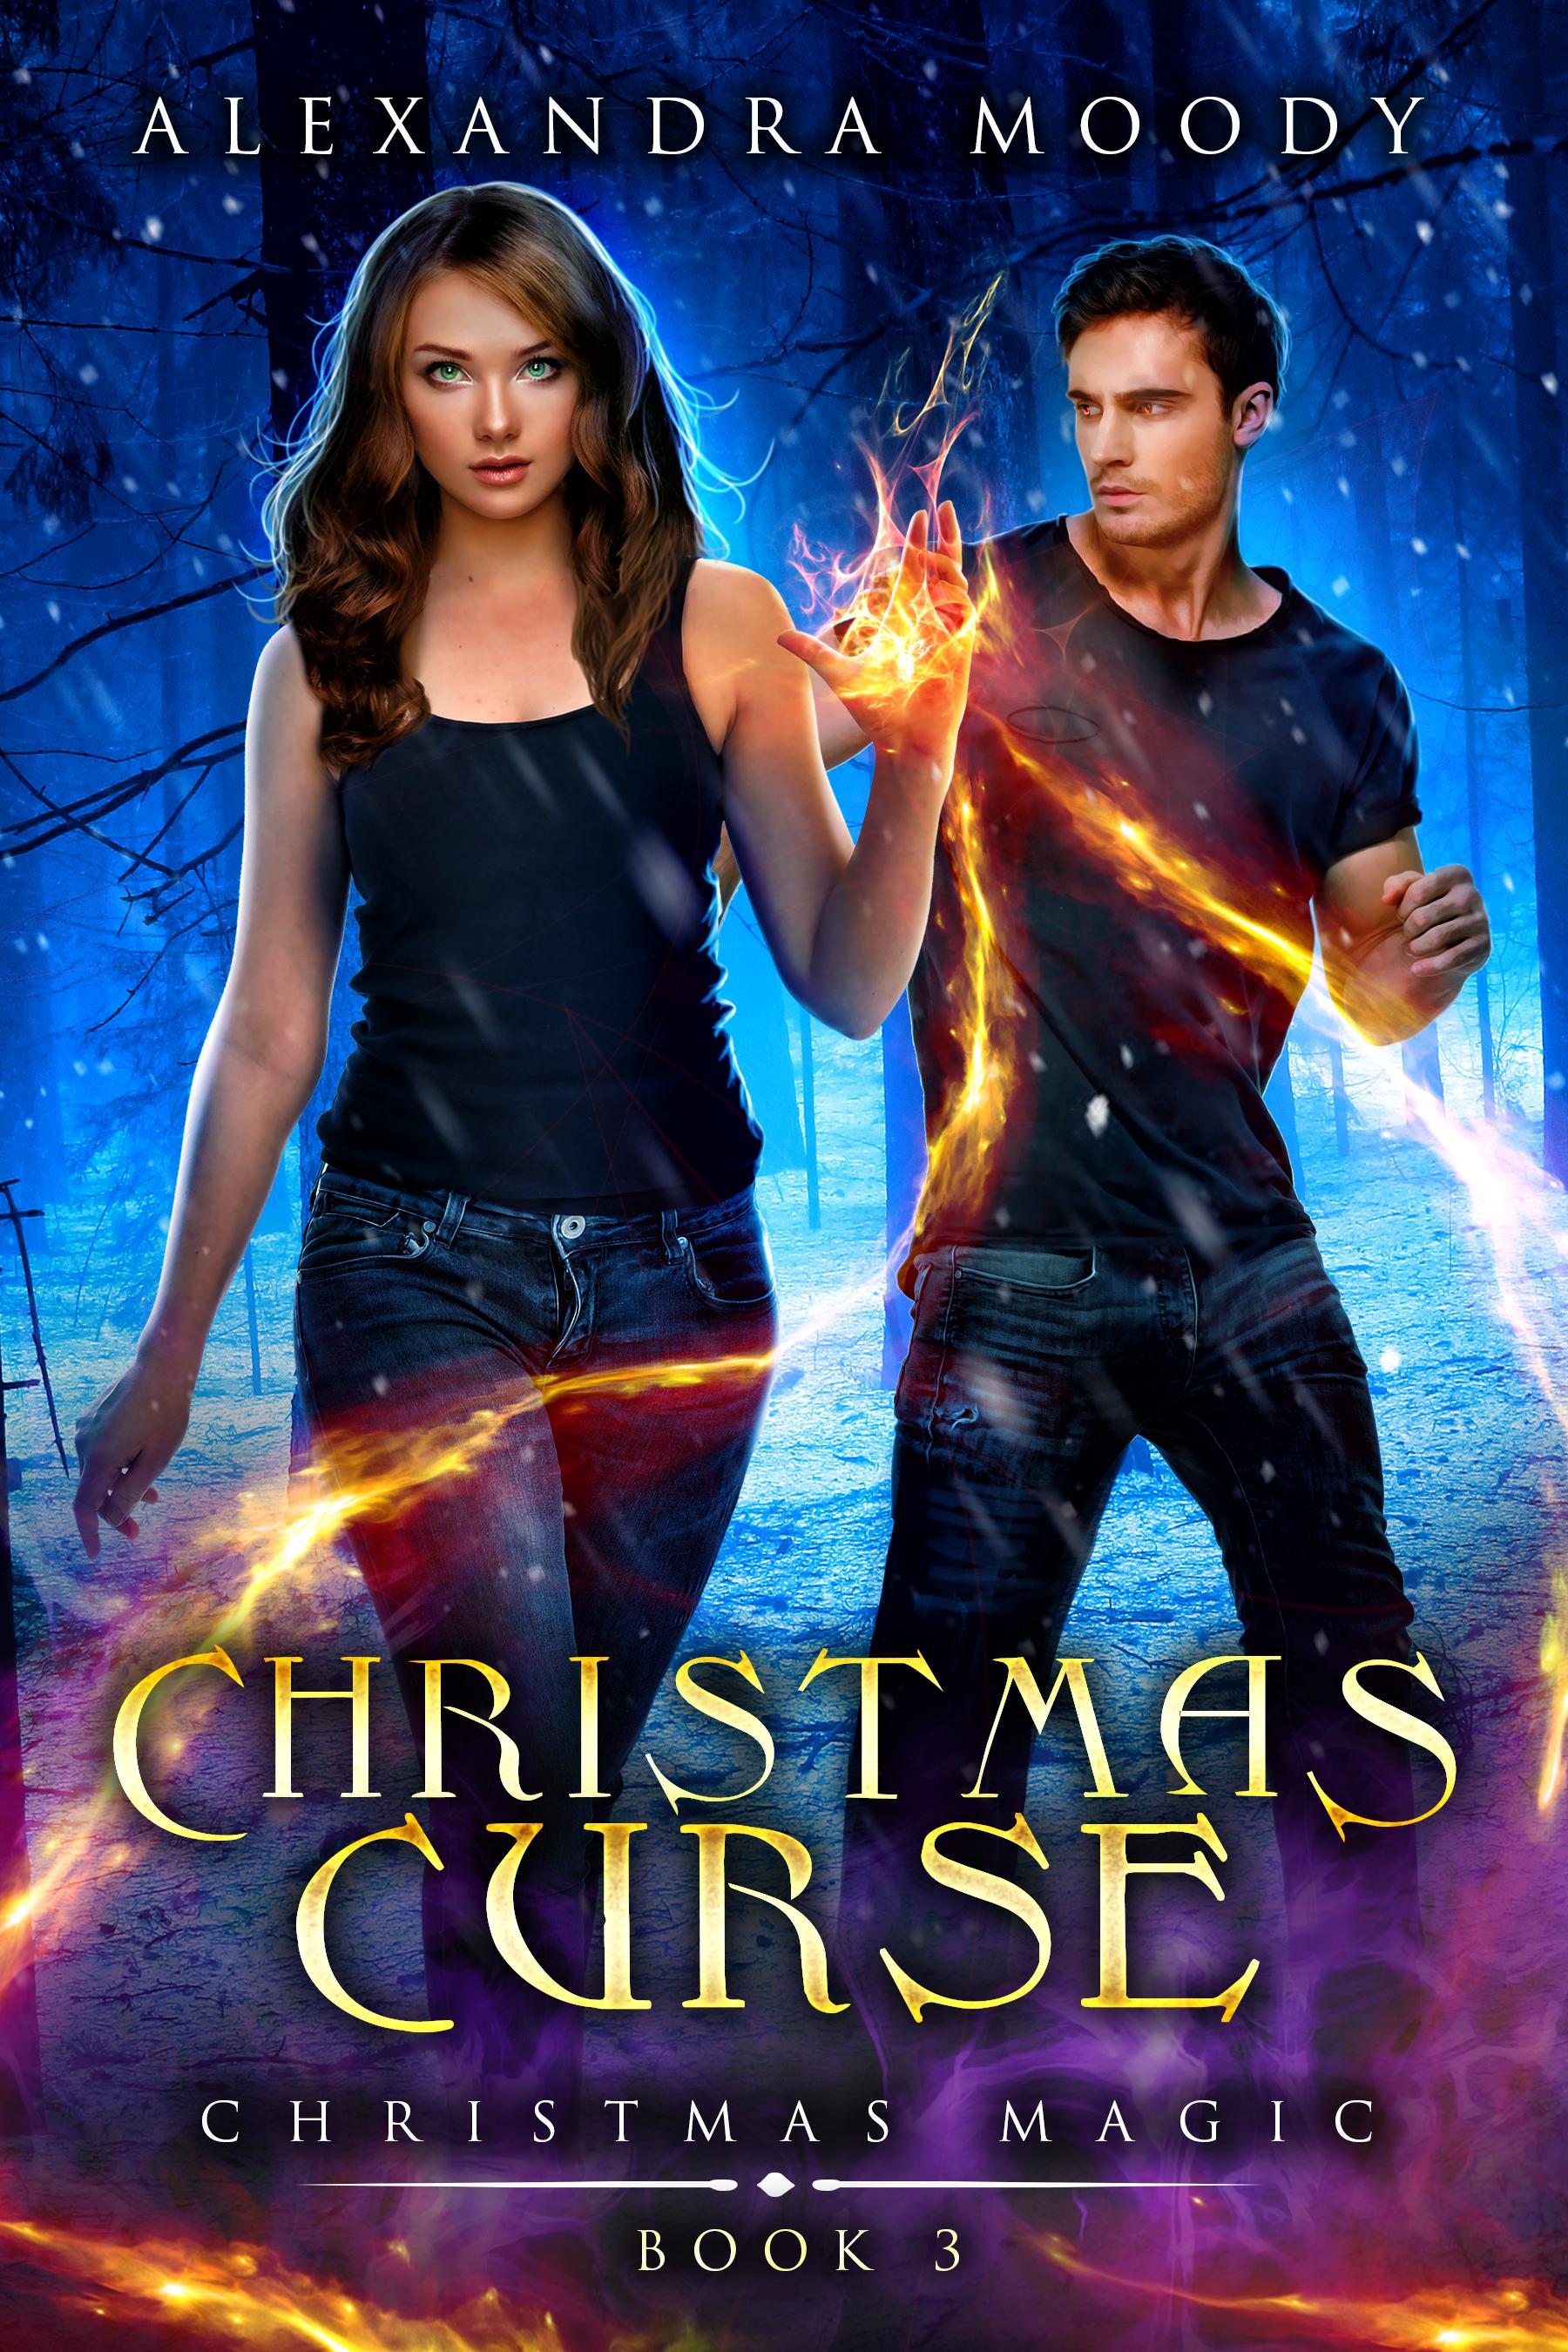 Christmas Curse.jpg